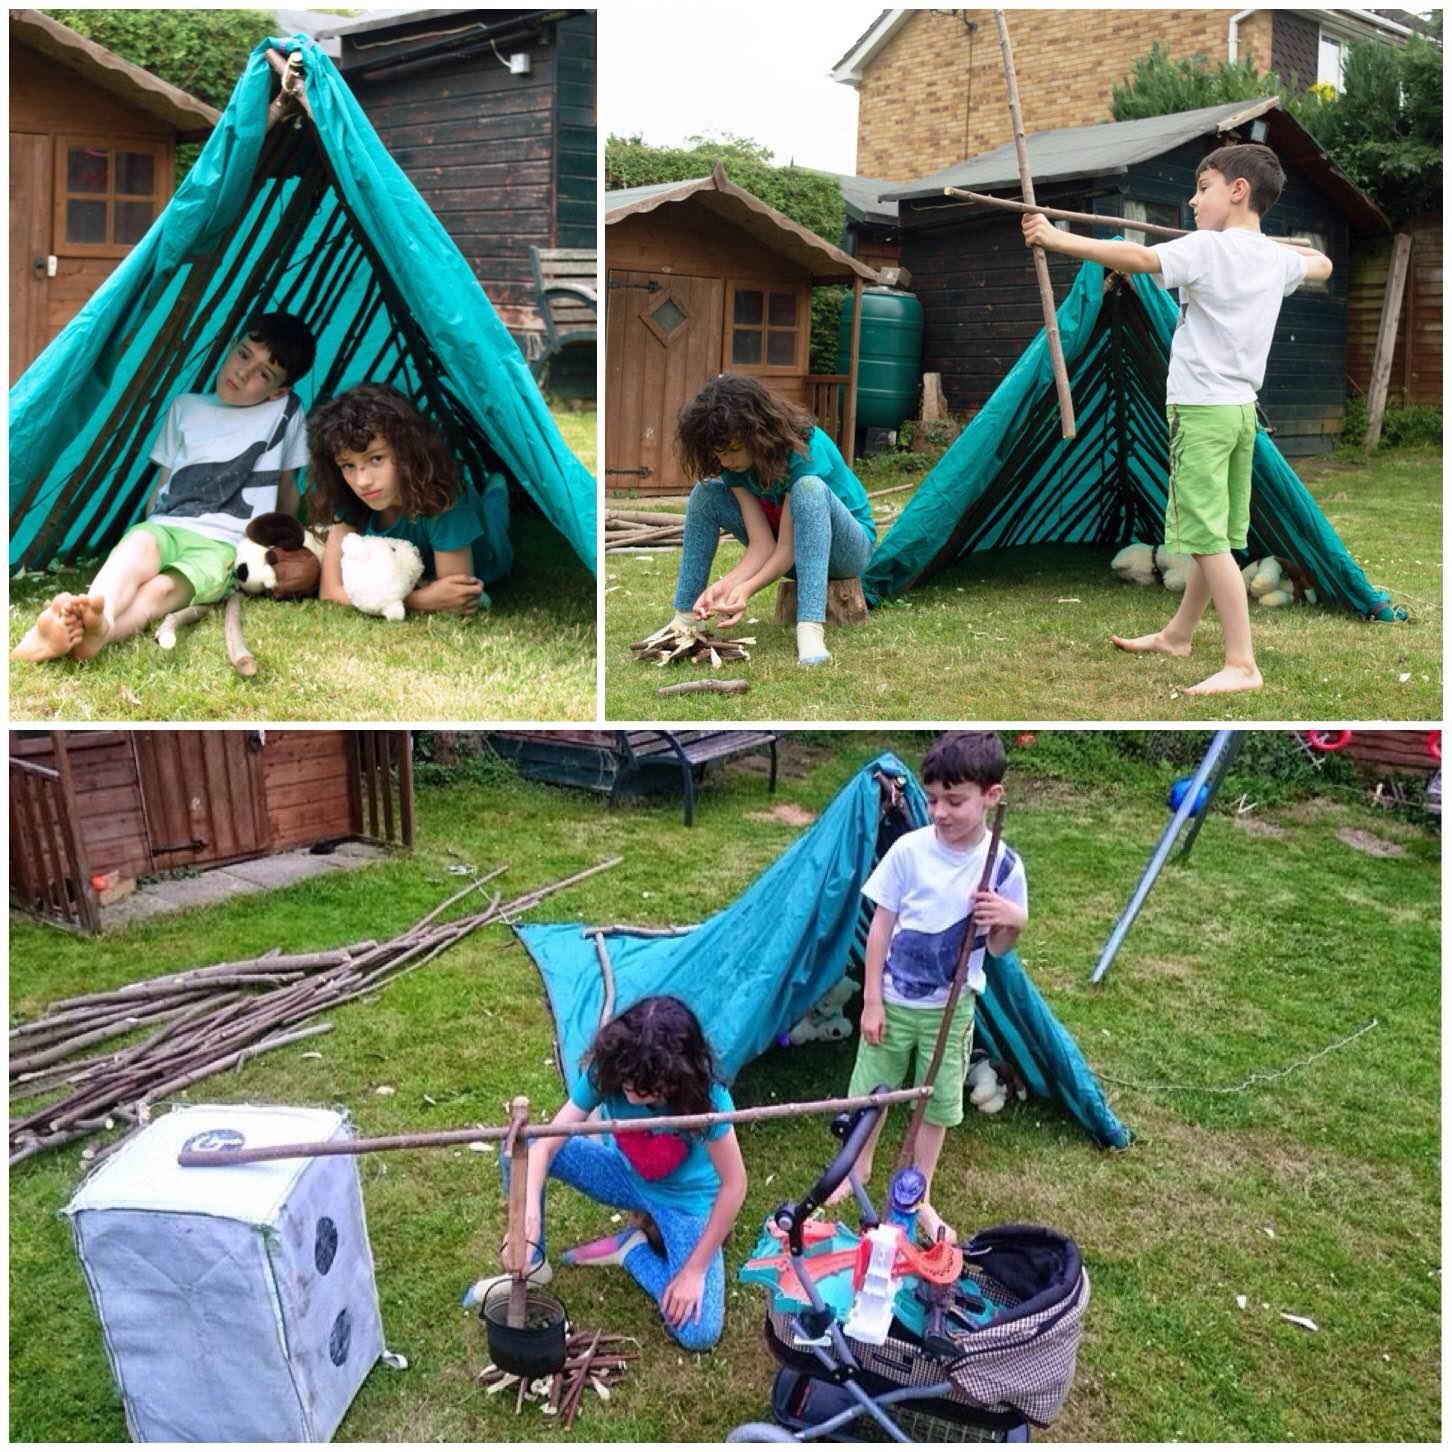 Photo 20-06-2015 20 58 37 (1)